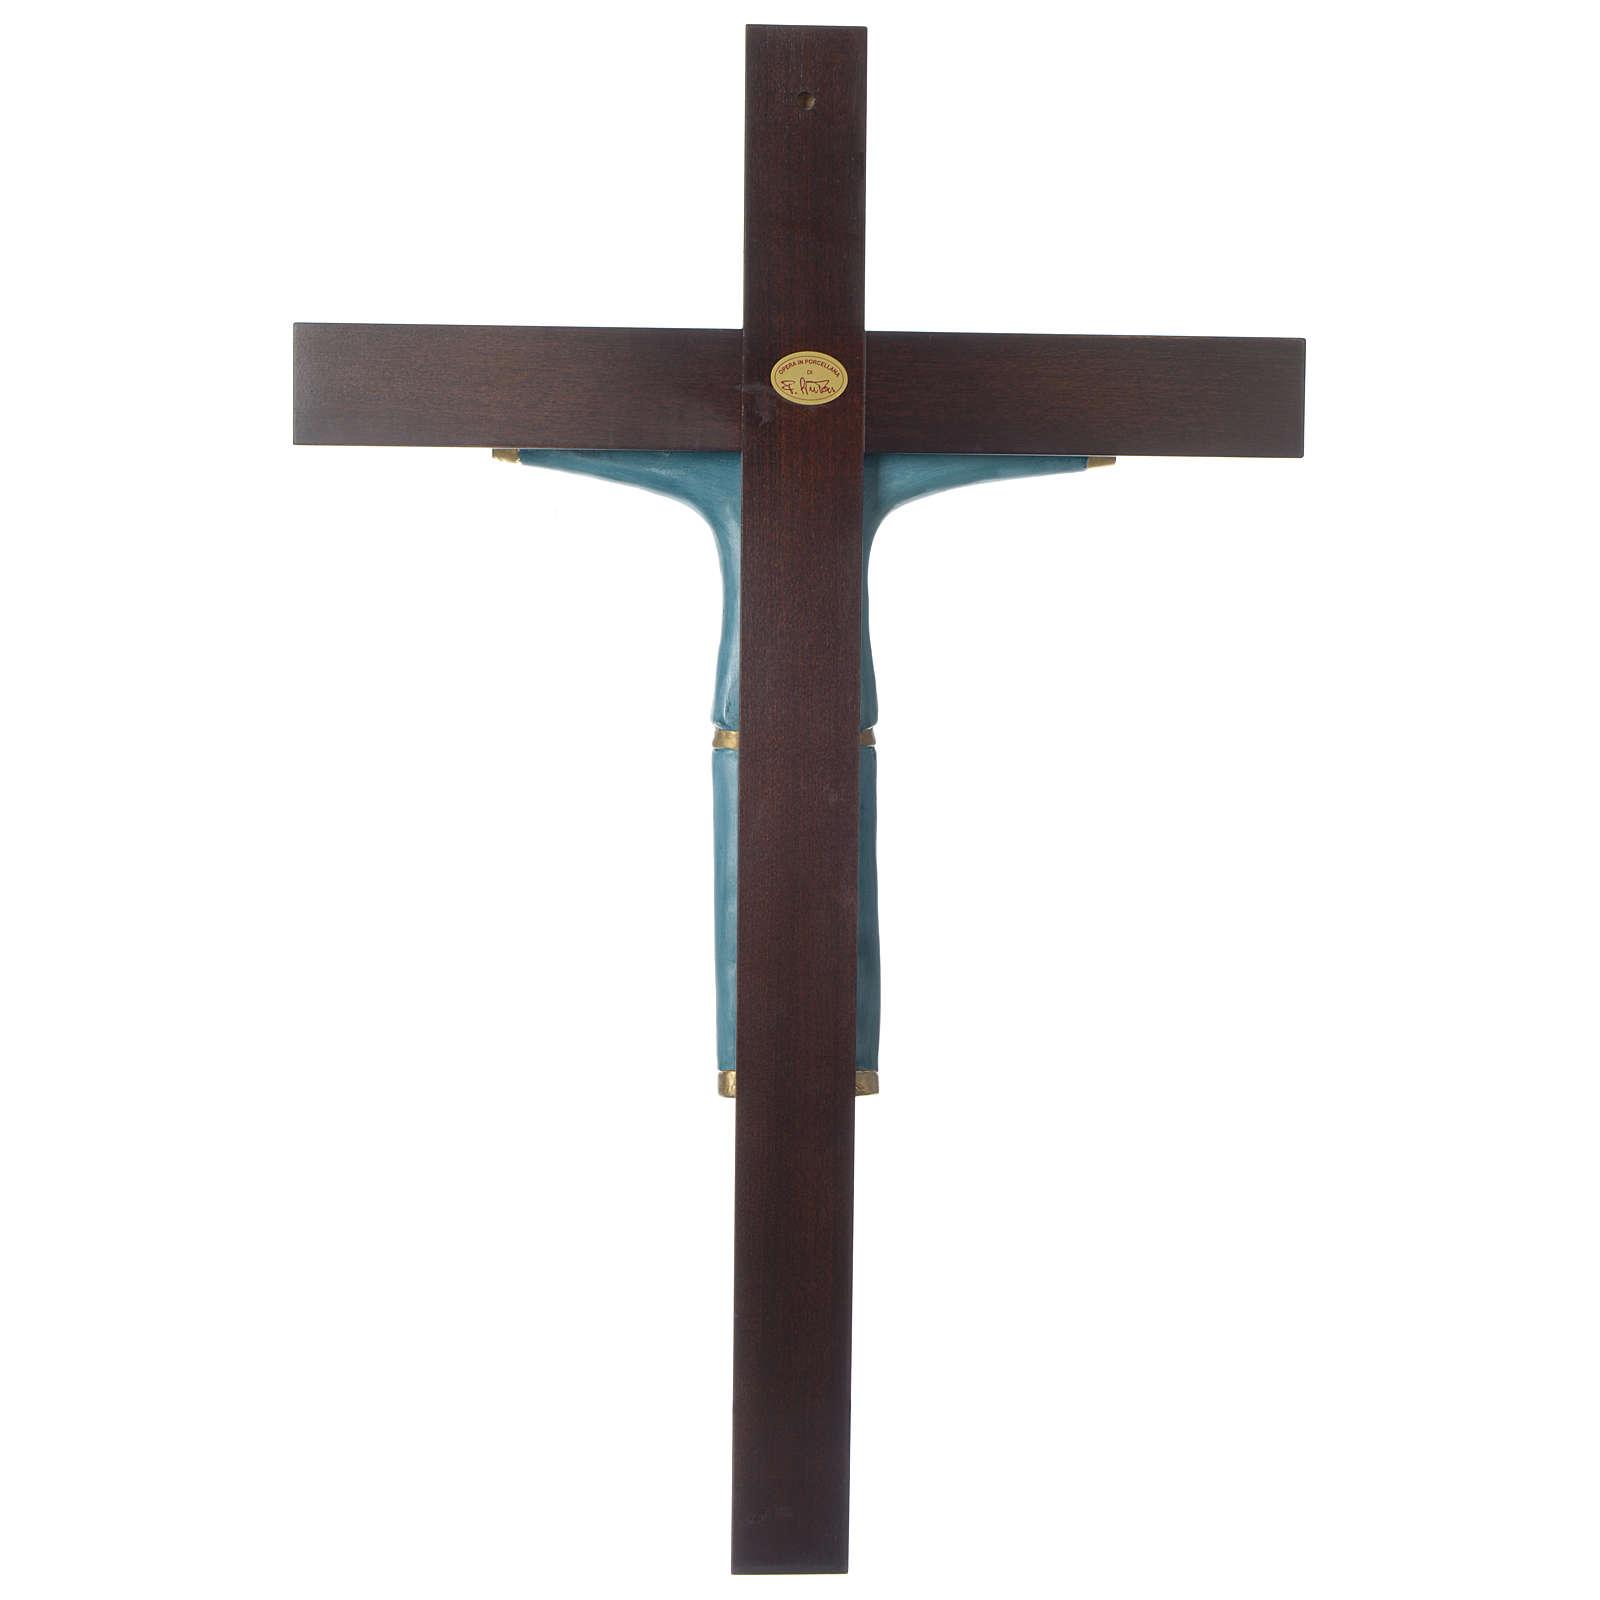 Crocifisso decorato azzurro croce mogano porcellana 65x42 cm Pinton 4